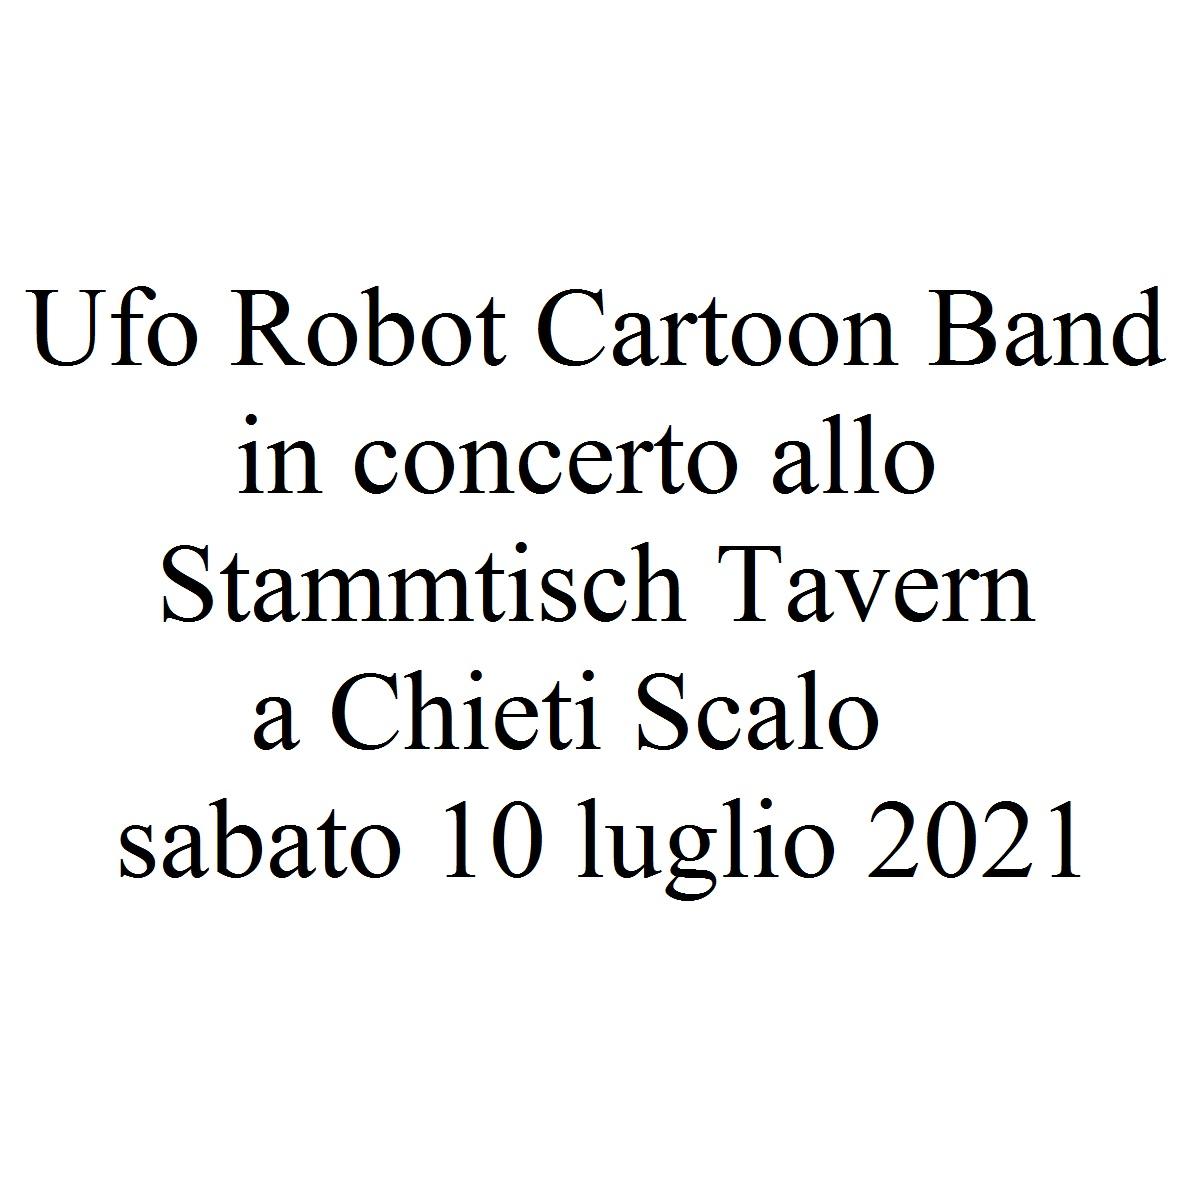 Ufo Robot Cartoon Band in concerto allo Stammtisch Tavern a Chieti Scalo sabato 10 luglio 2021 foto